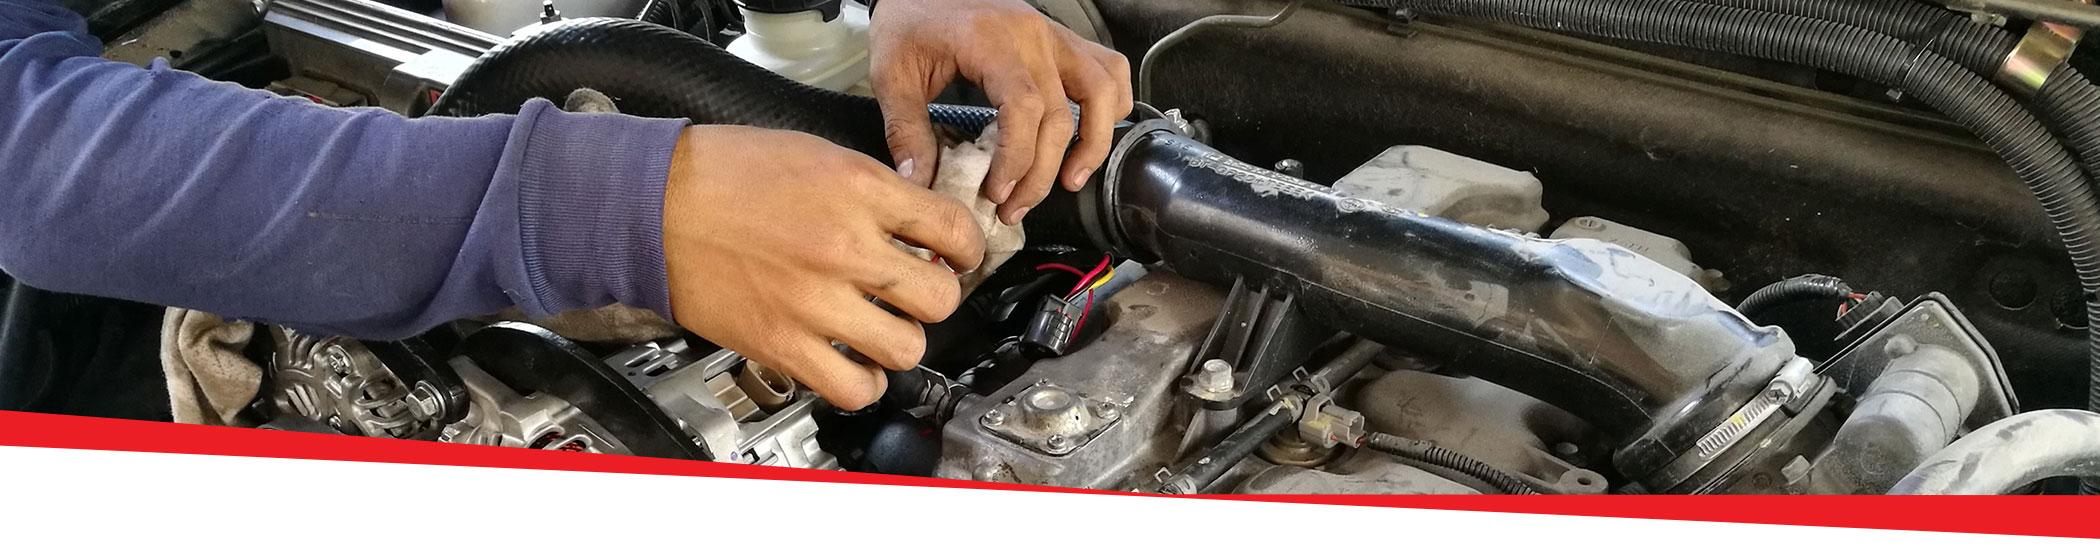 Reno Nevada Mechanic Auto Repair